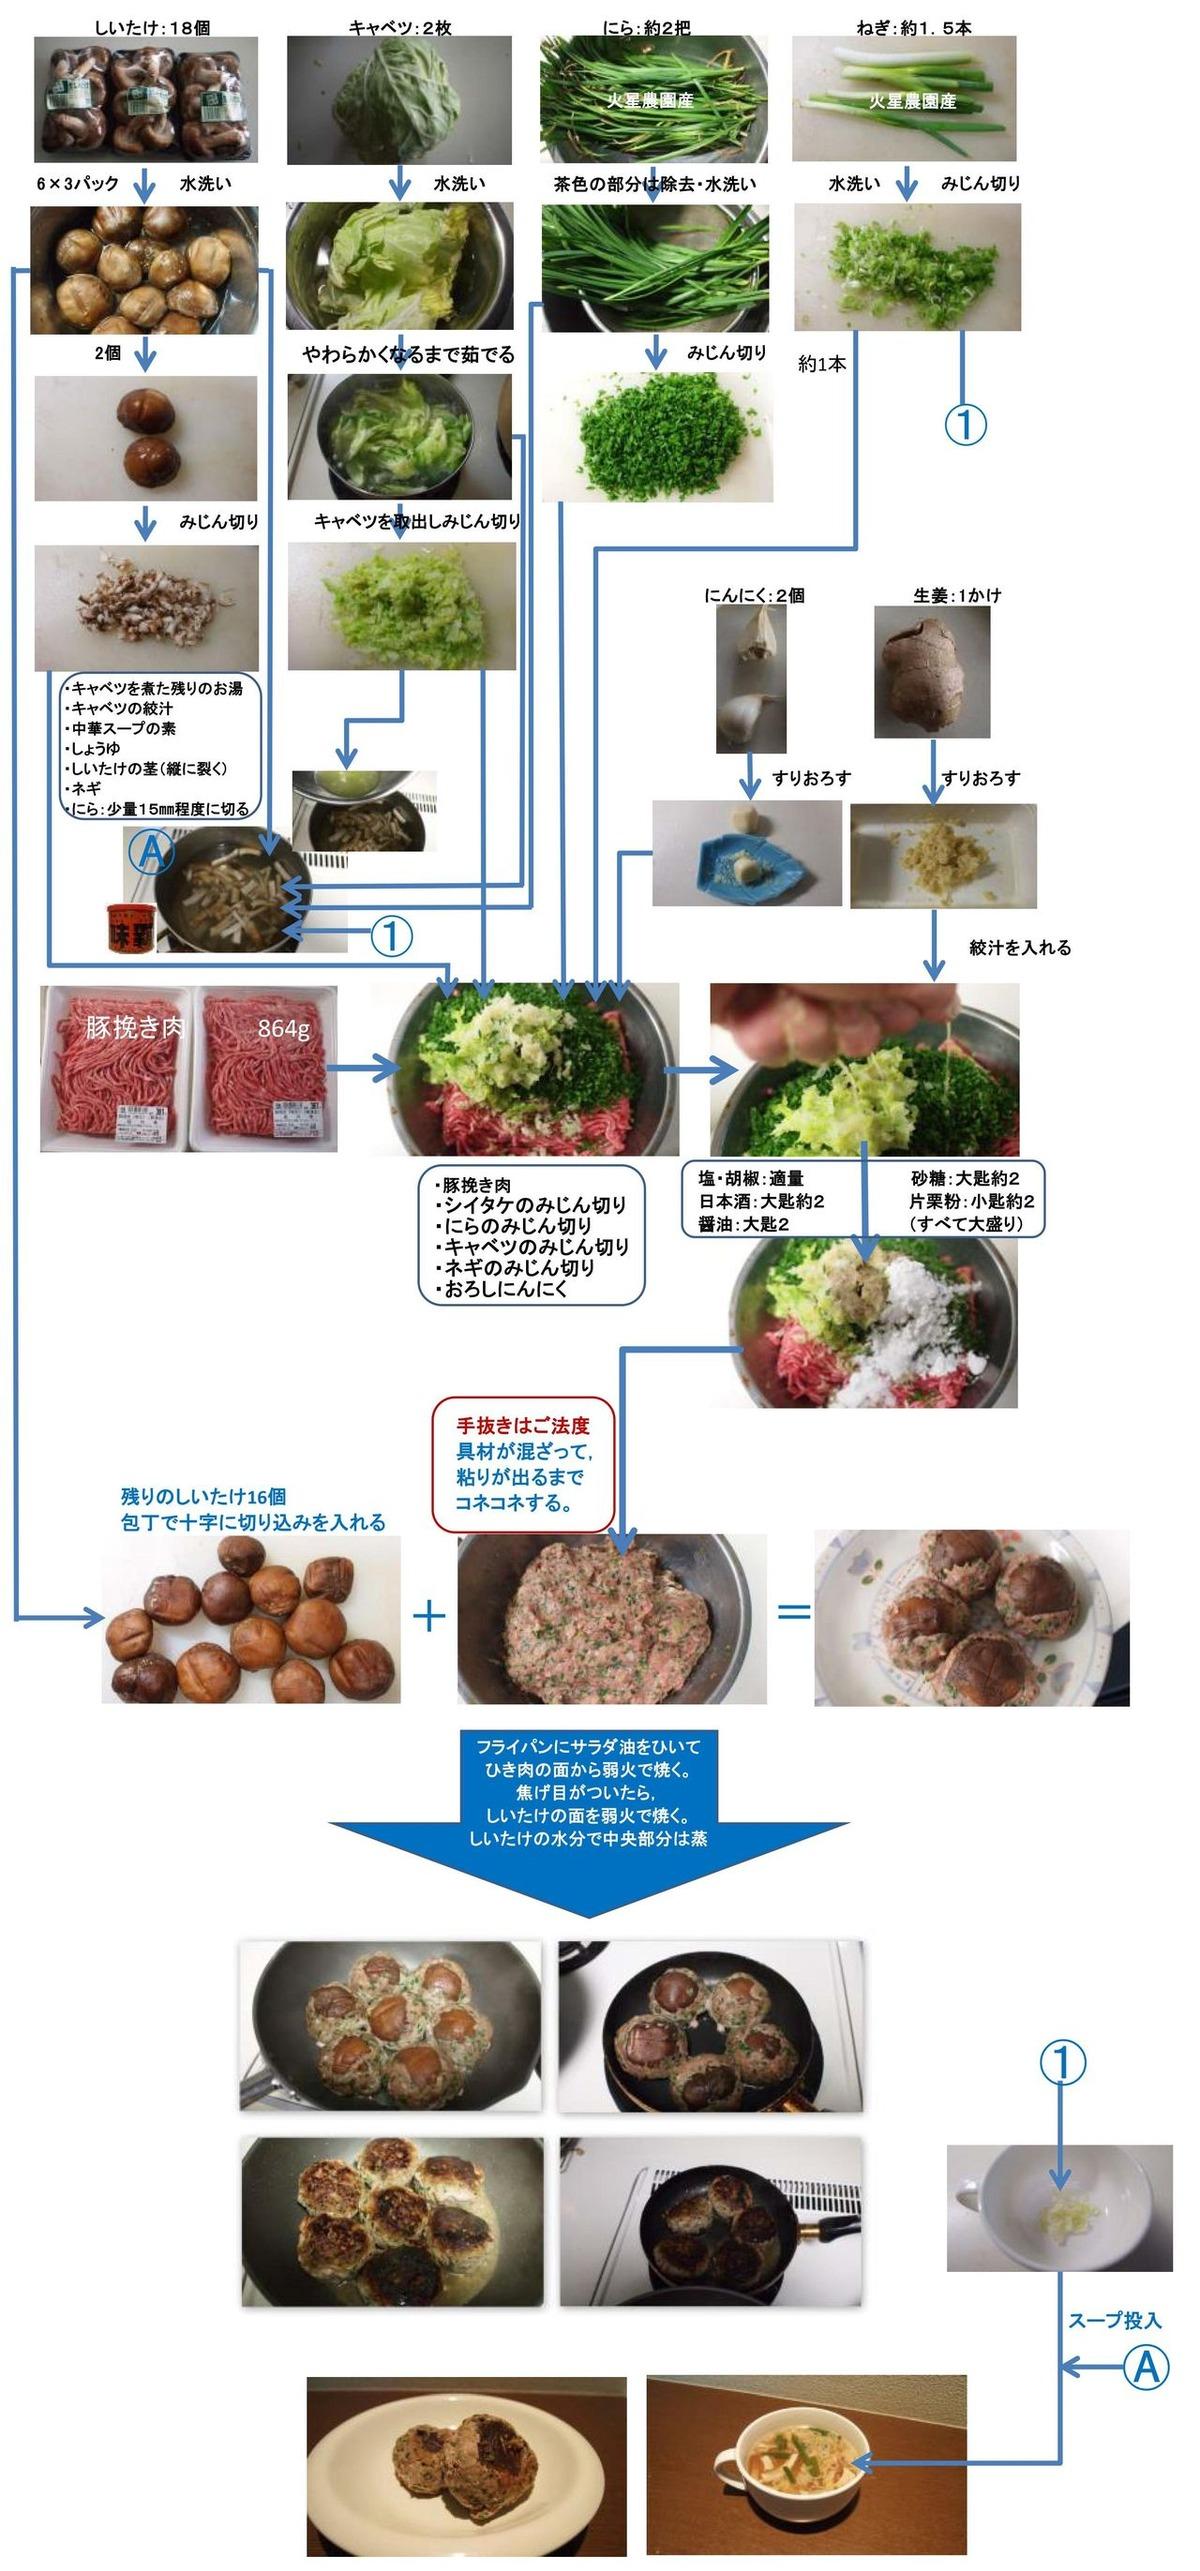 餃子とシイタケのハンバーグ